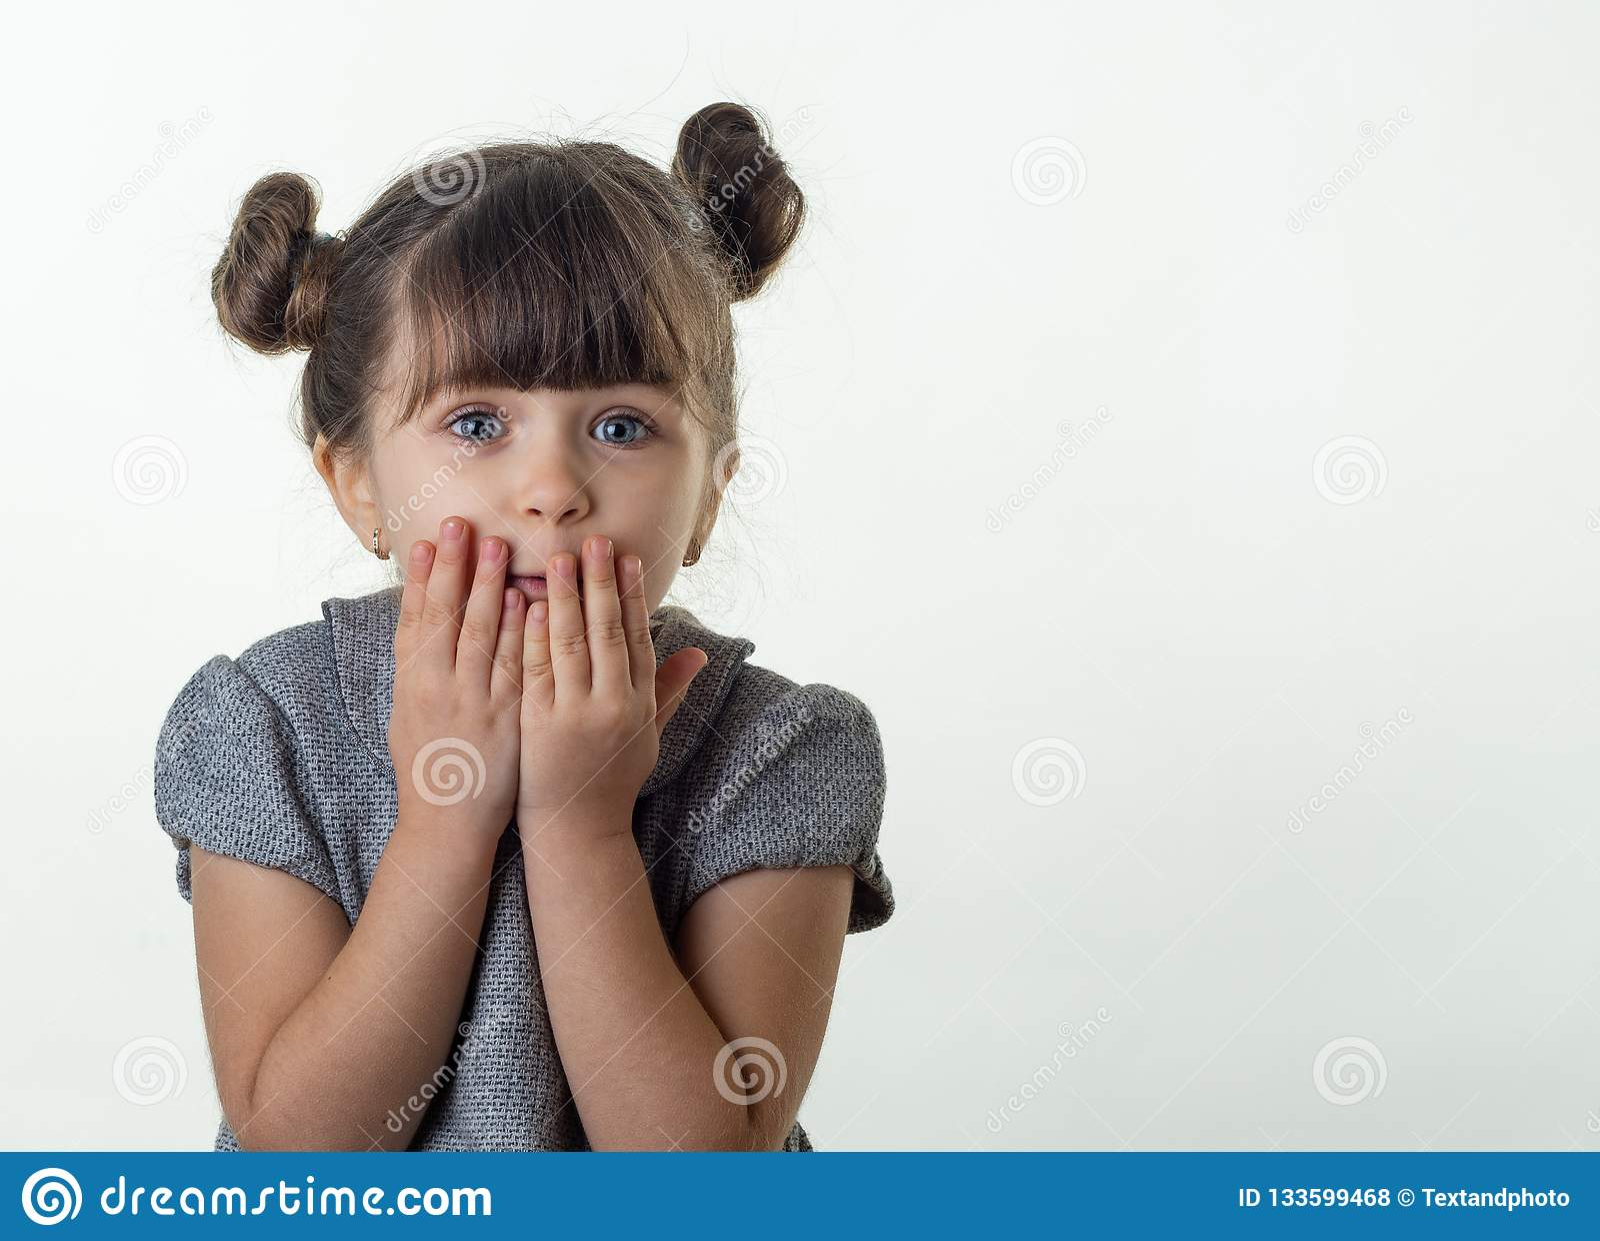 OMG! Szczęśliwy zdziwiony dziecka 4 lub 5 lat odizolowywający na bielu Oh nie! Przerażony szokujący dziecko z bugged oczami zakry